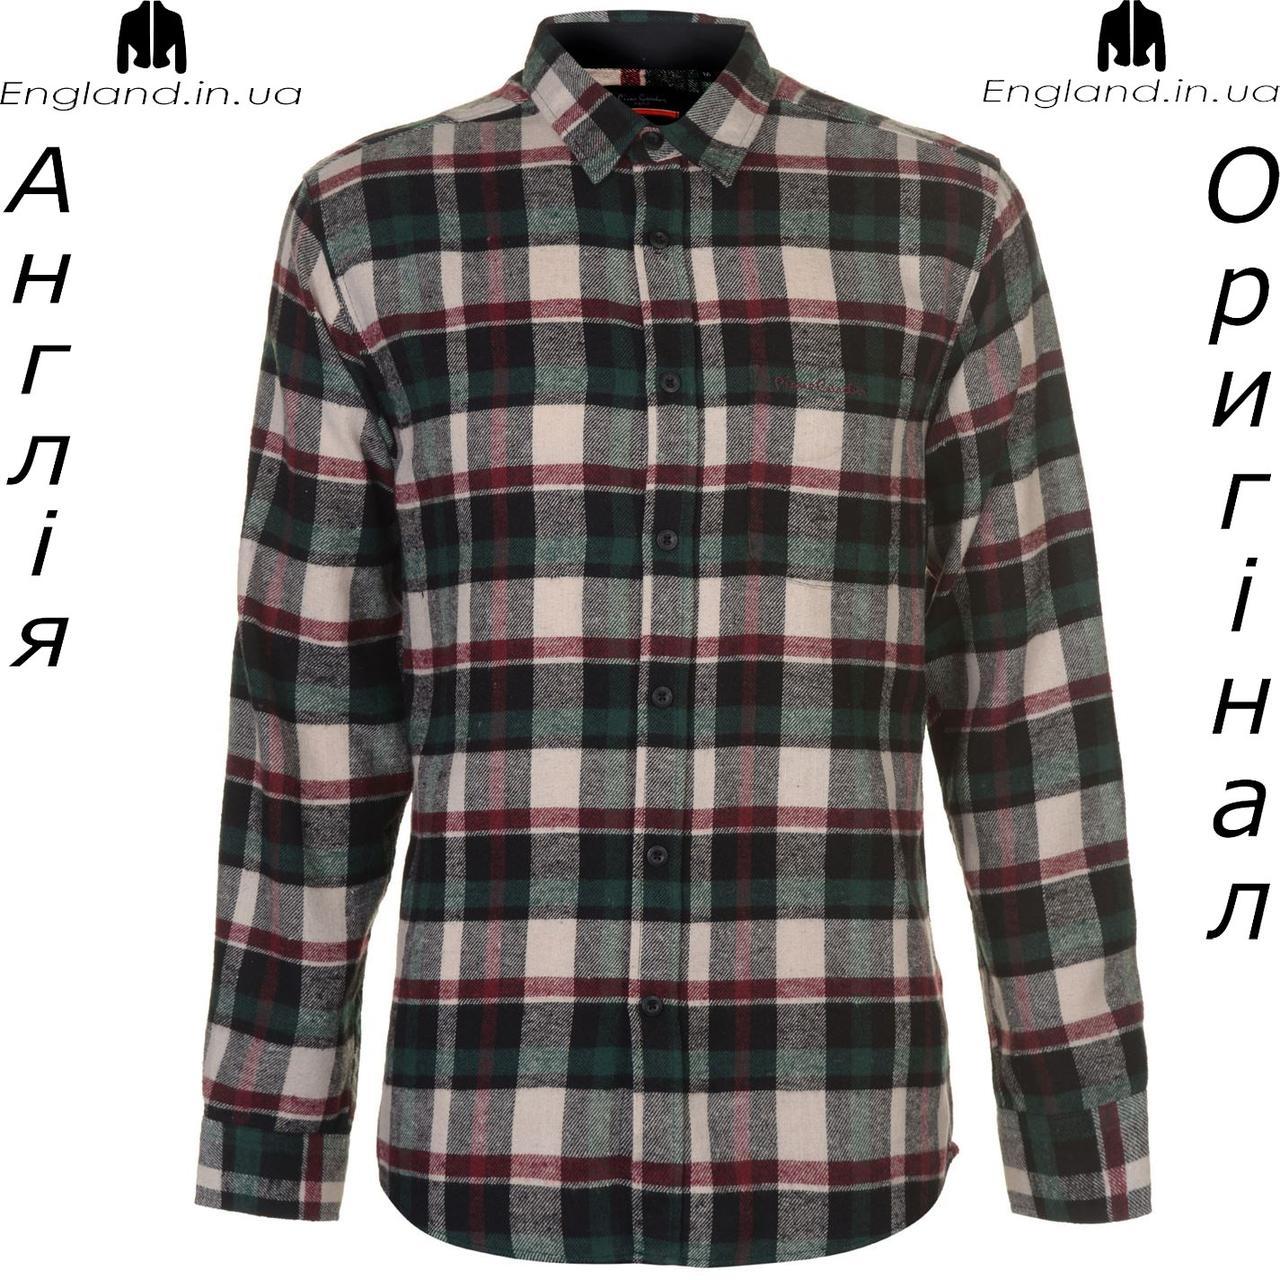 12d95be8a9dc1da Рубашка в клетку мужская Pierre Cardin из Англии - на длинный рукав -  Интернет-магазин